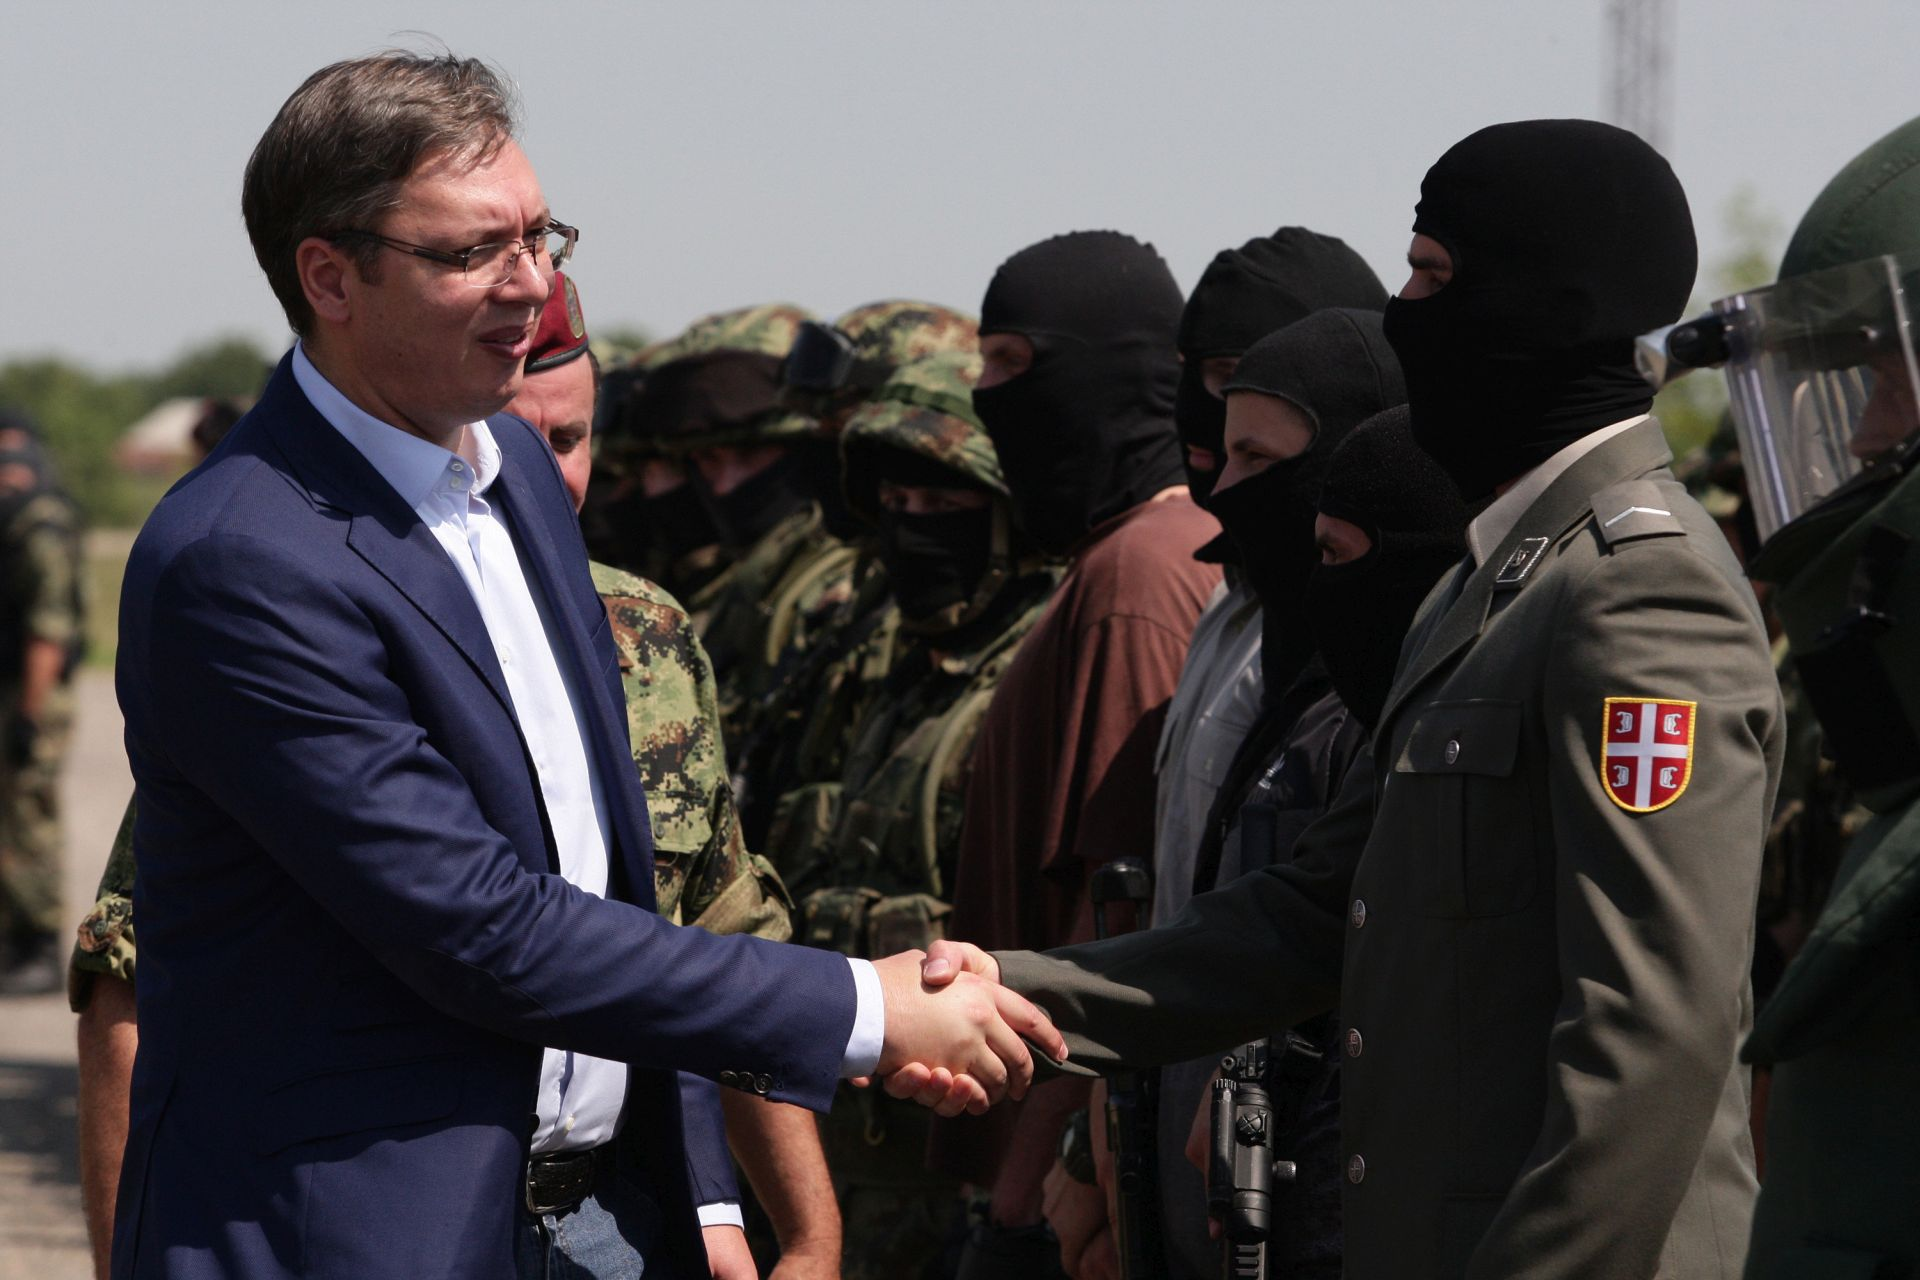 PONIŠTENJE PRESUDE STEPINCU Vučić: Srbija će uvijek biti na strani antifašizma